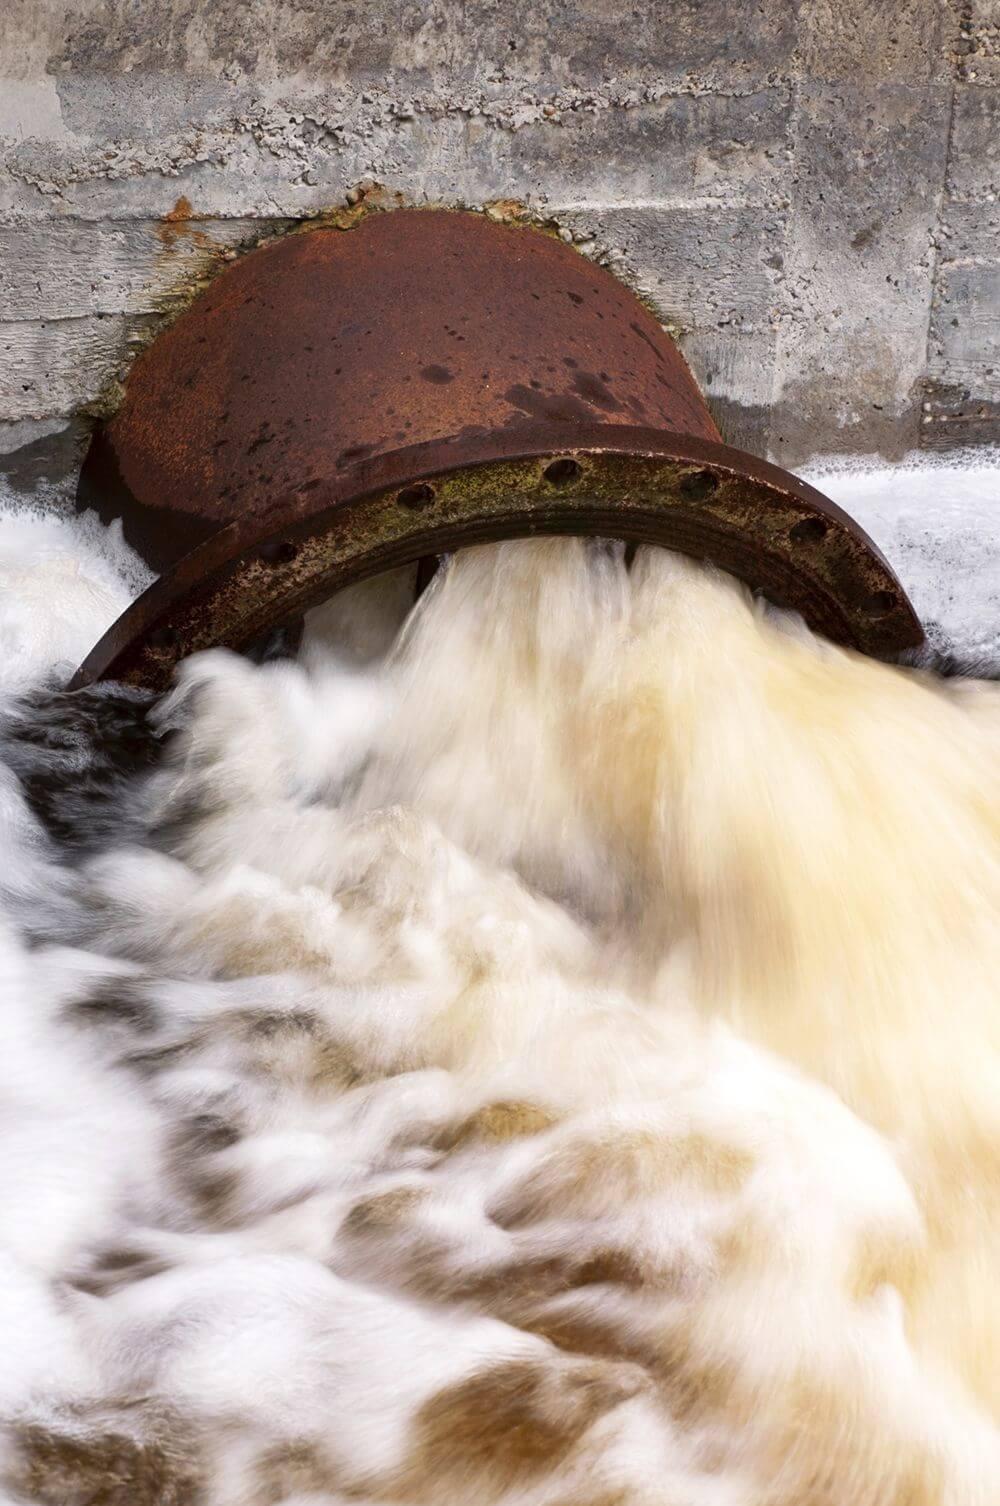 Оцінка можливого збитку від забруднень, юридичний та екологічний супровід проведення робіт по усуненню забруднень - Фото №12